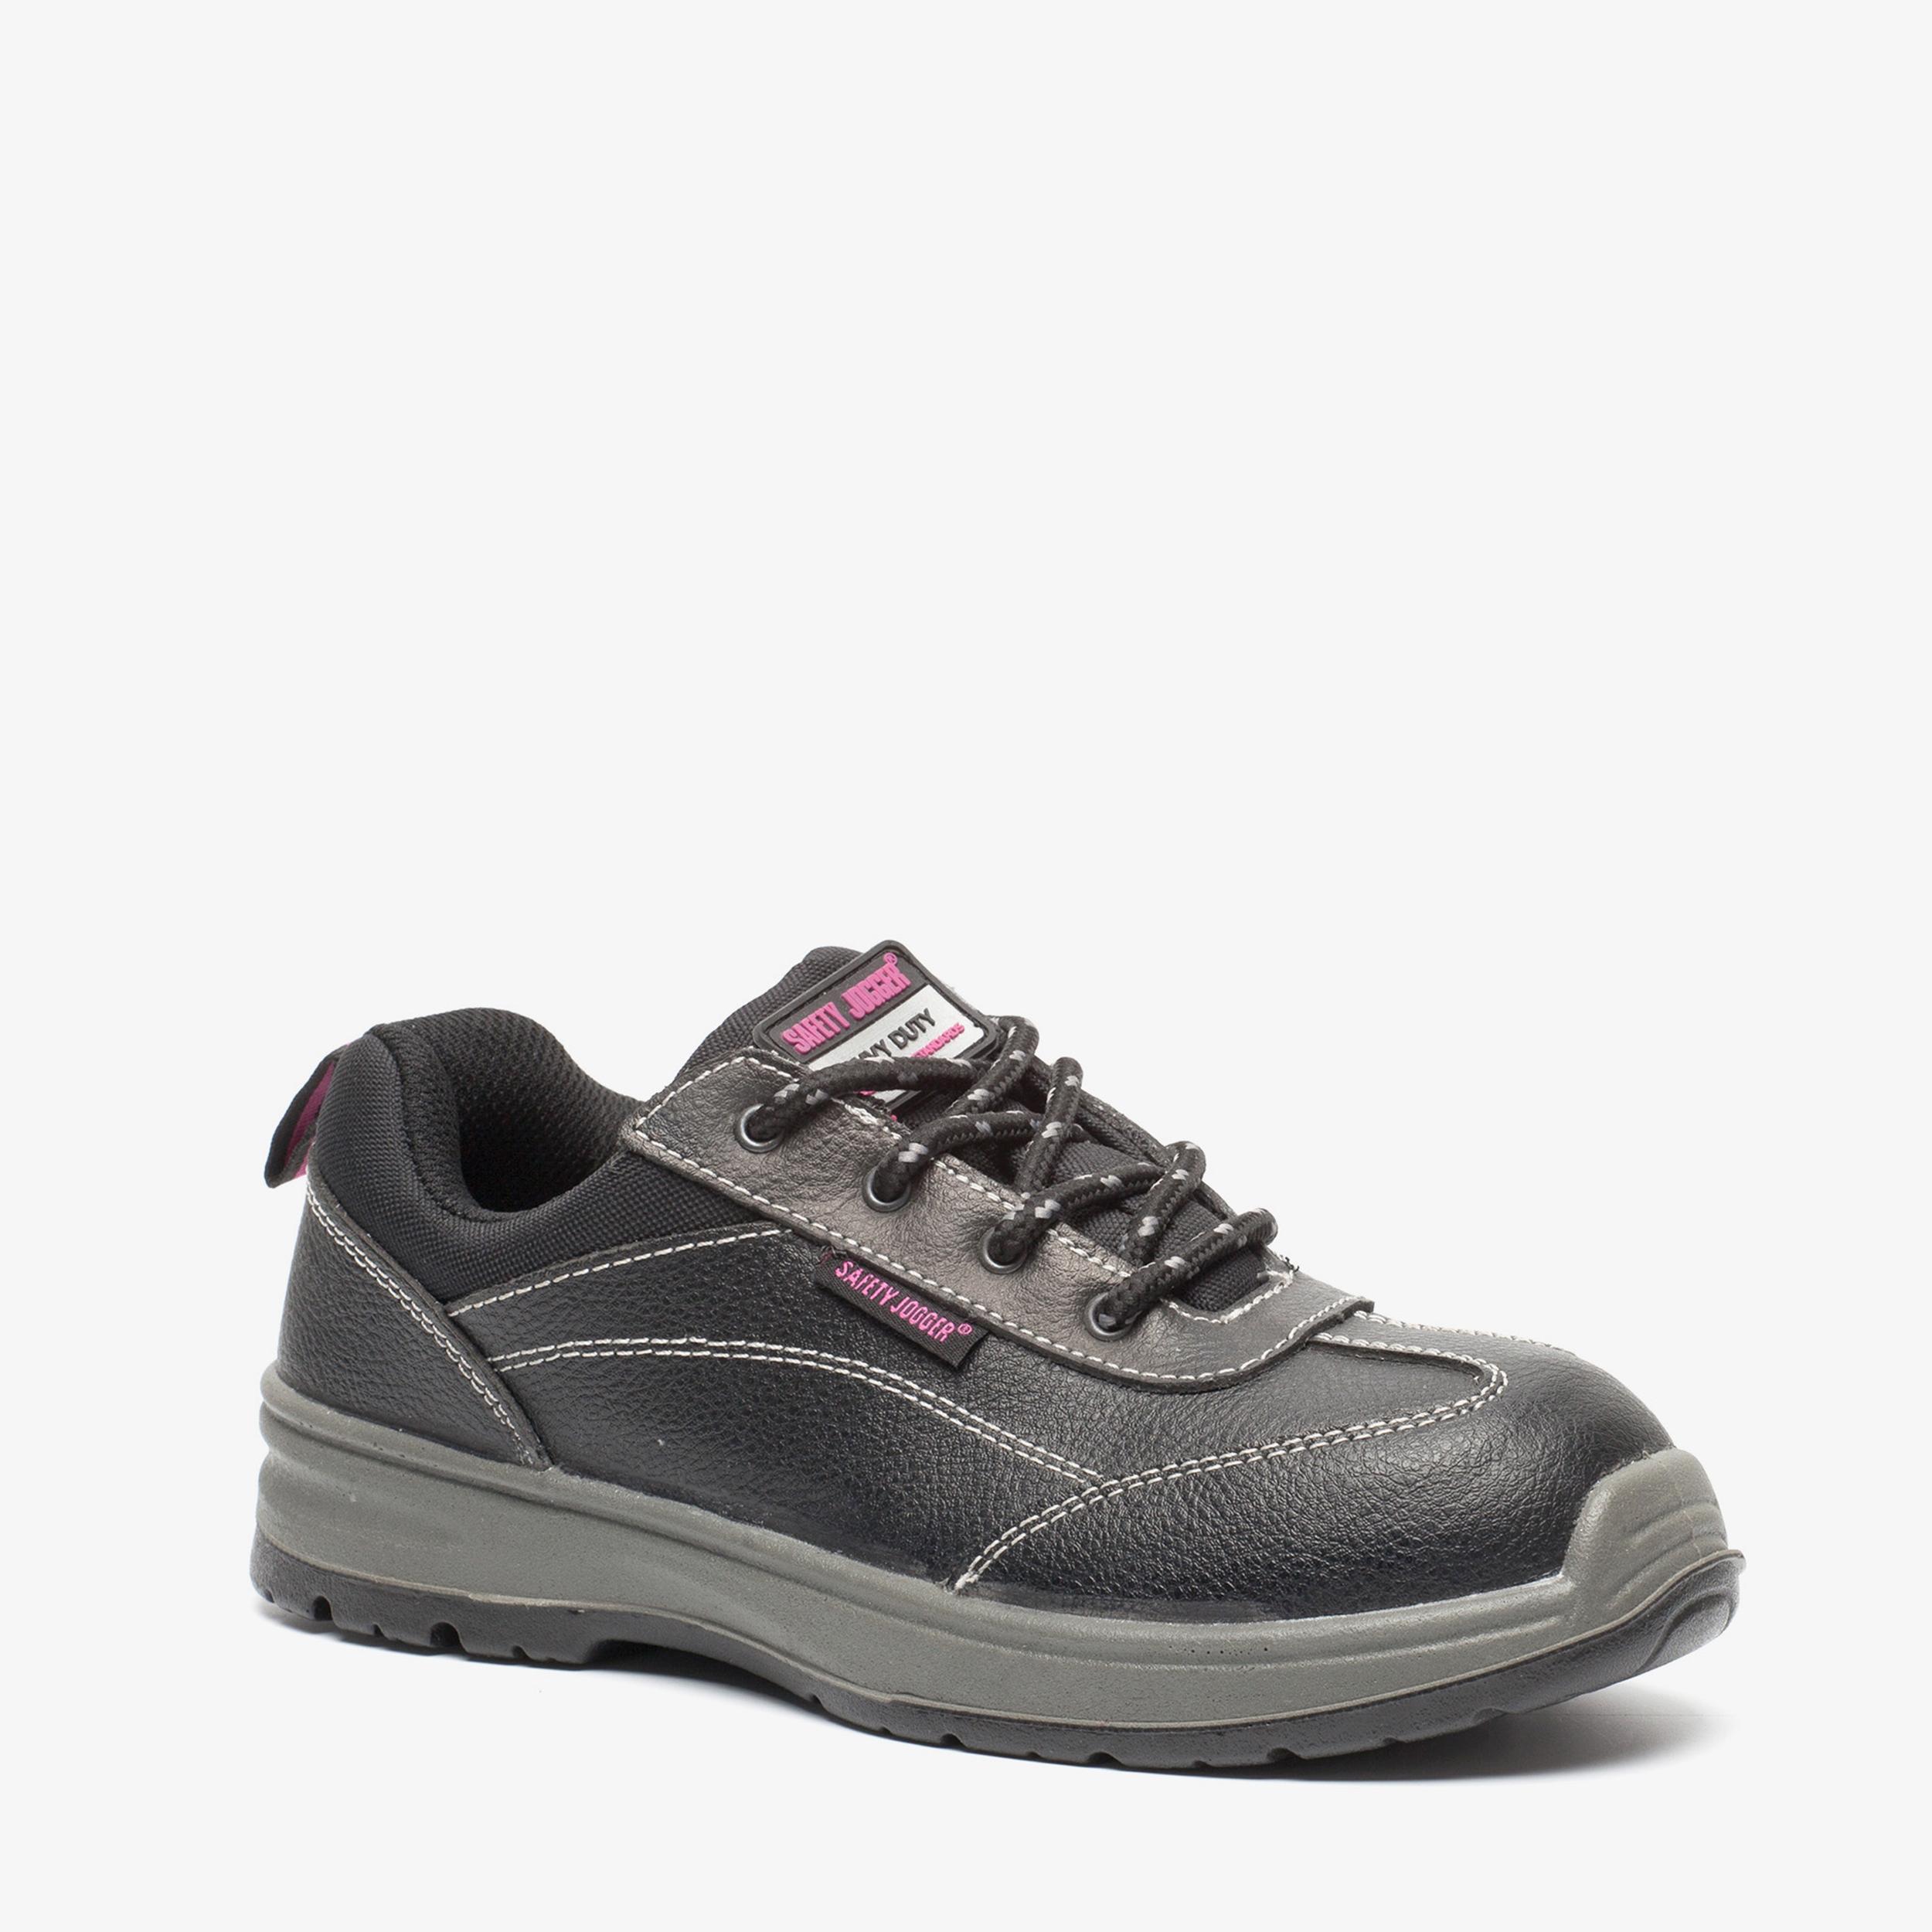 Werkschoenen Sneakers Dames.Safety Jogger Leren Dames Werkschoenen Online Bestellen Scapino